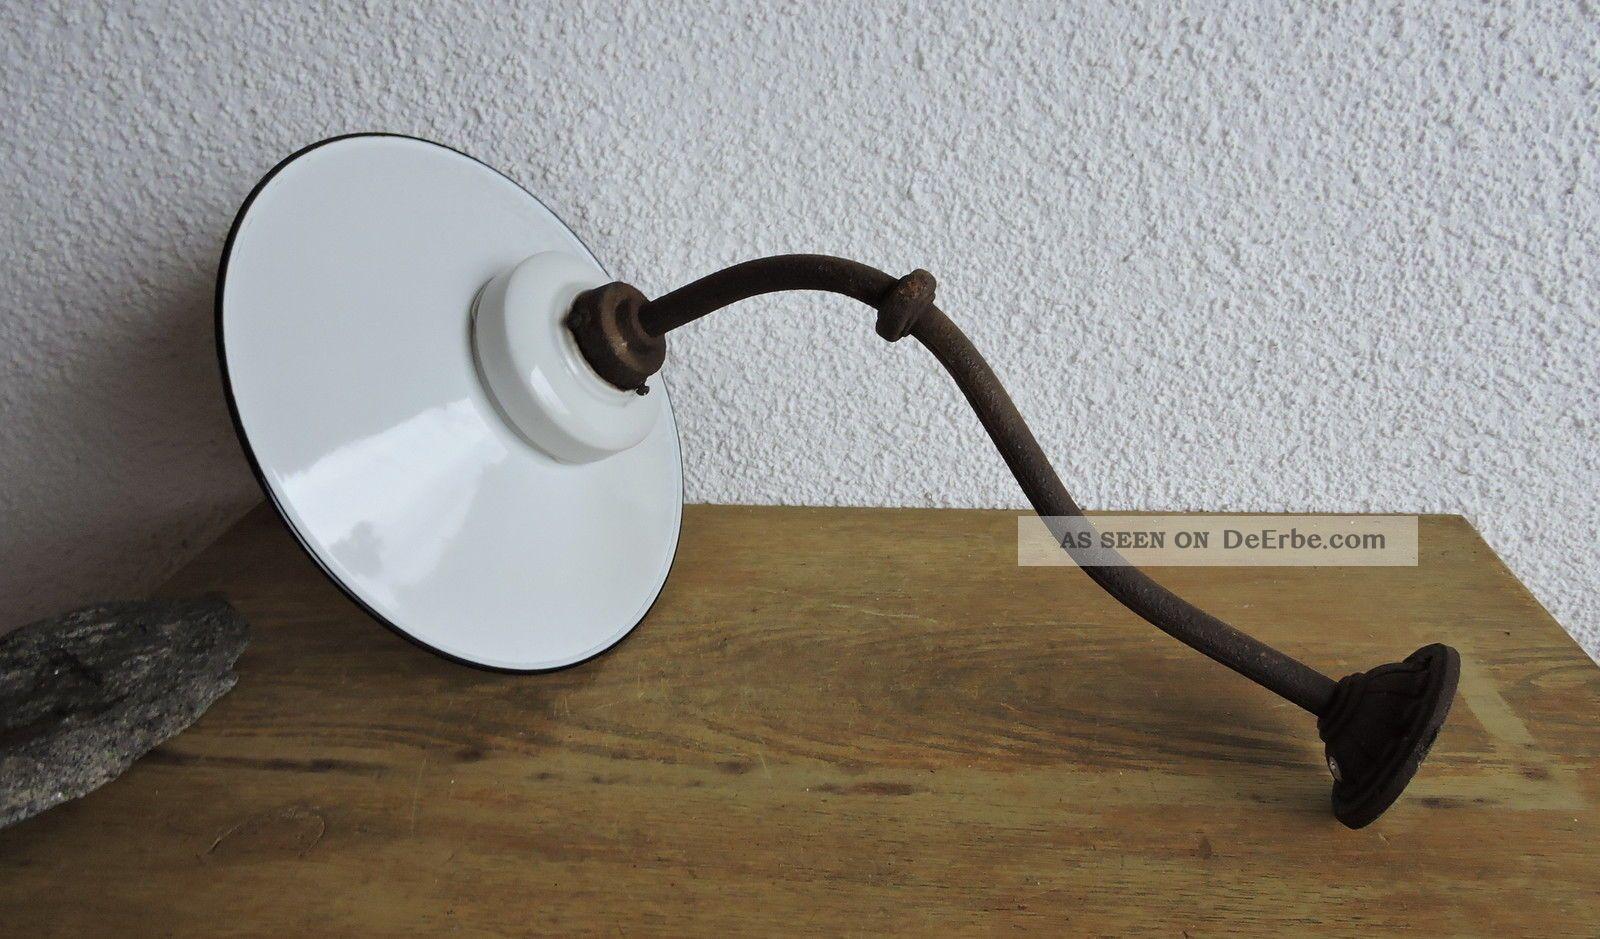 art deco baushaus lampe wandlampe hoflampe ausleger glaskolben emailschirm. Black Bedroom Furniture Sets. Home Design Ideas